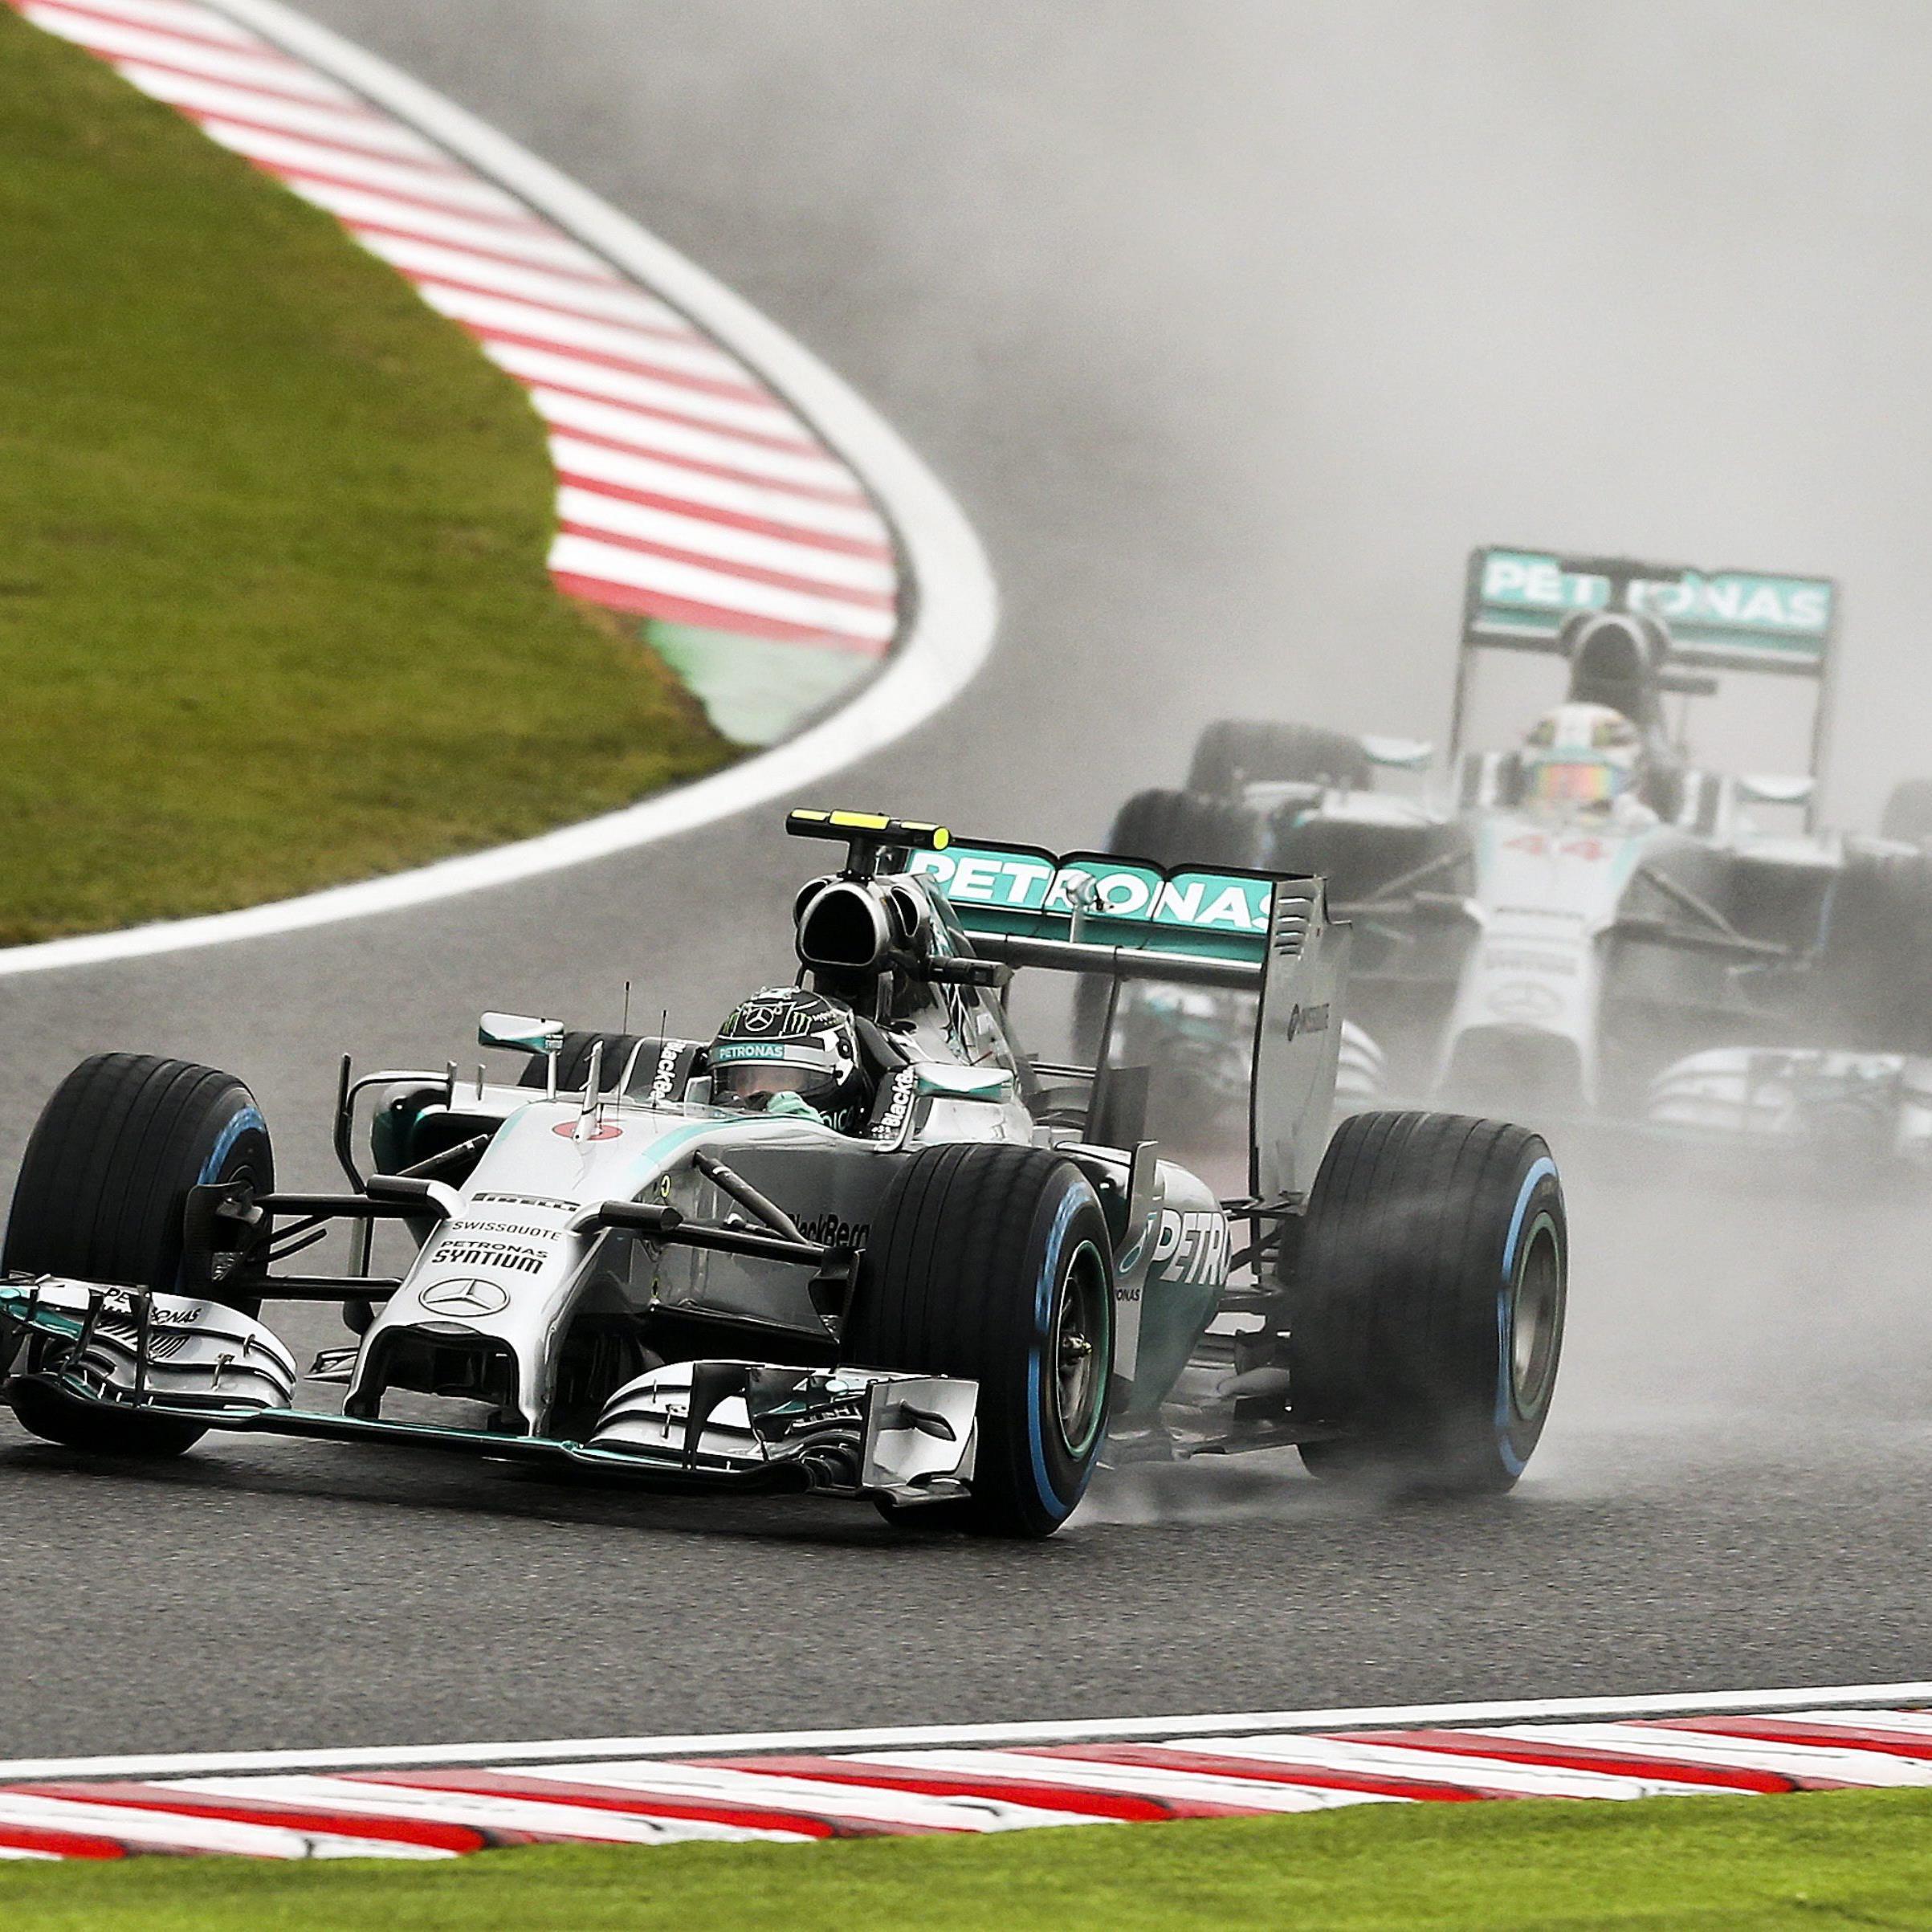 Hamilton siegte vor Rosberg - Marussia-Pilot Bianchi verletzt und mit Helikopter abtransportiert.